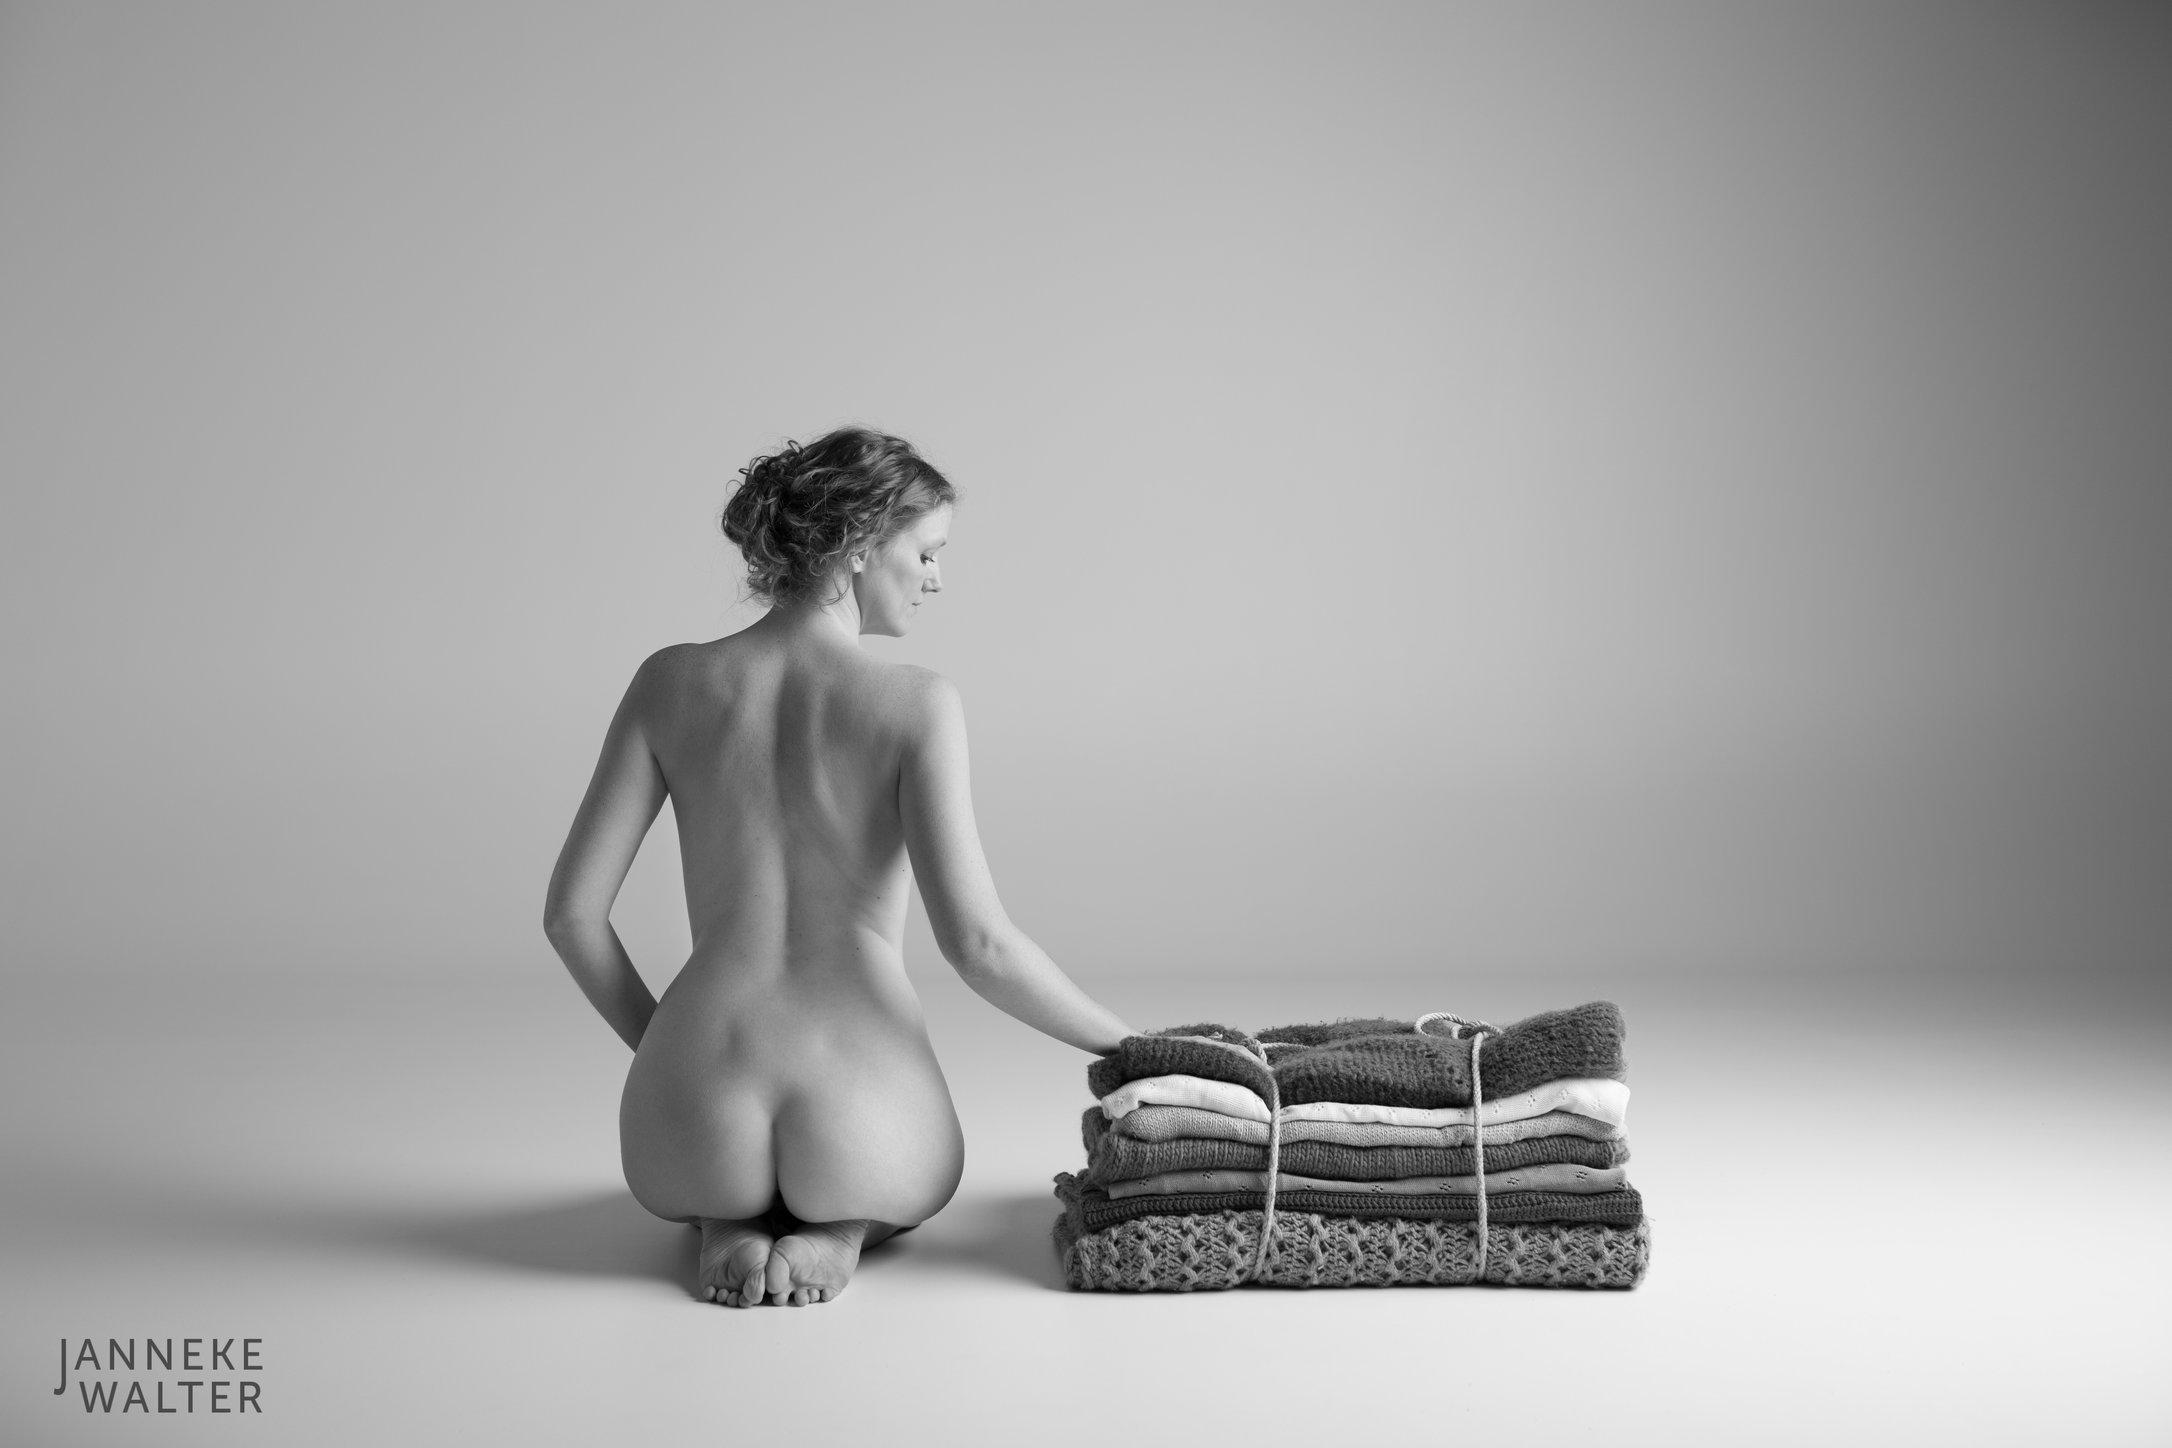 naaktfoto vrouw met dekens © Janneke Walter, fotograaf Utrecht De Bilt, esthetische naaktfotografie